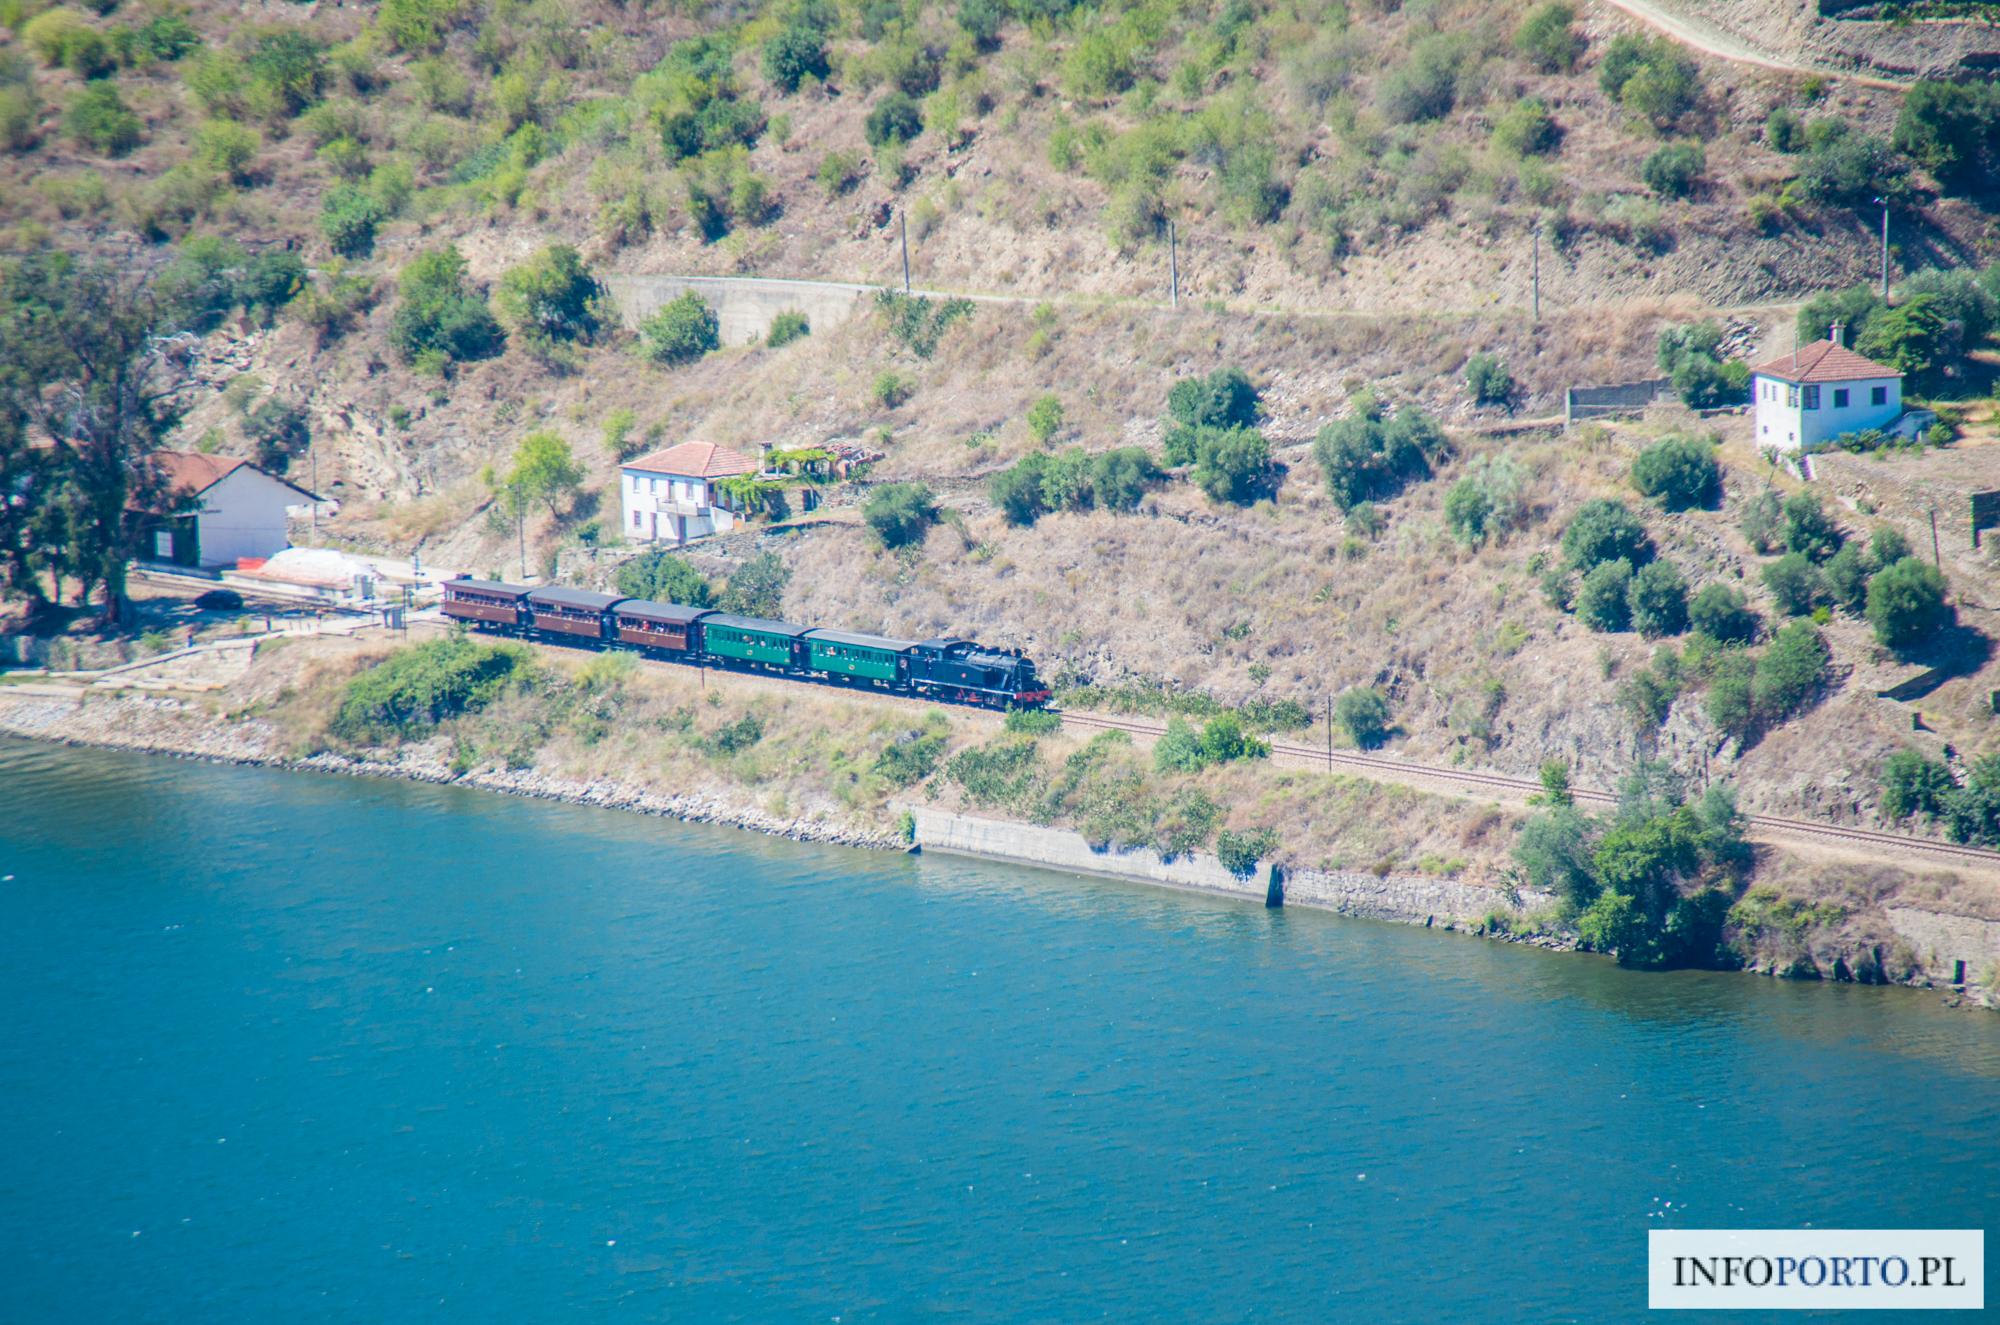 Dolina Douro pociągiem autobusem szlaki piesze rowerem rejsy rejs pociąg kolej autobus zwiedzania jak dojechać co zobaczyć ciekawe miejsce polski przewodnik Portugalia Porto